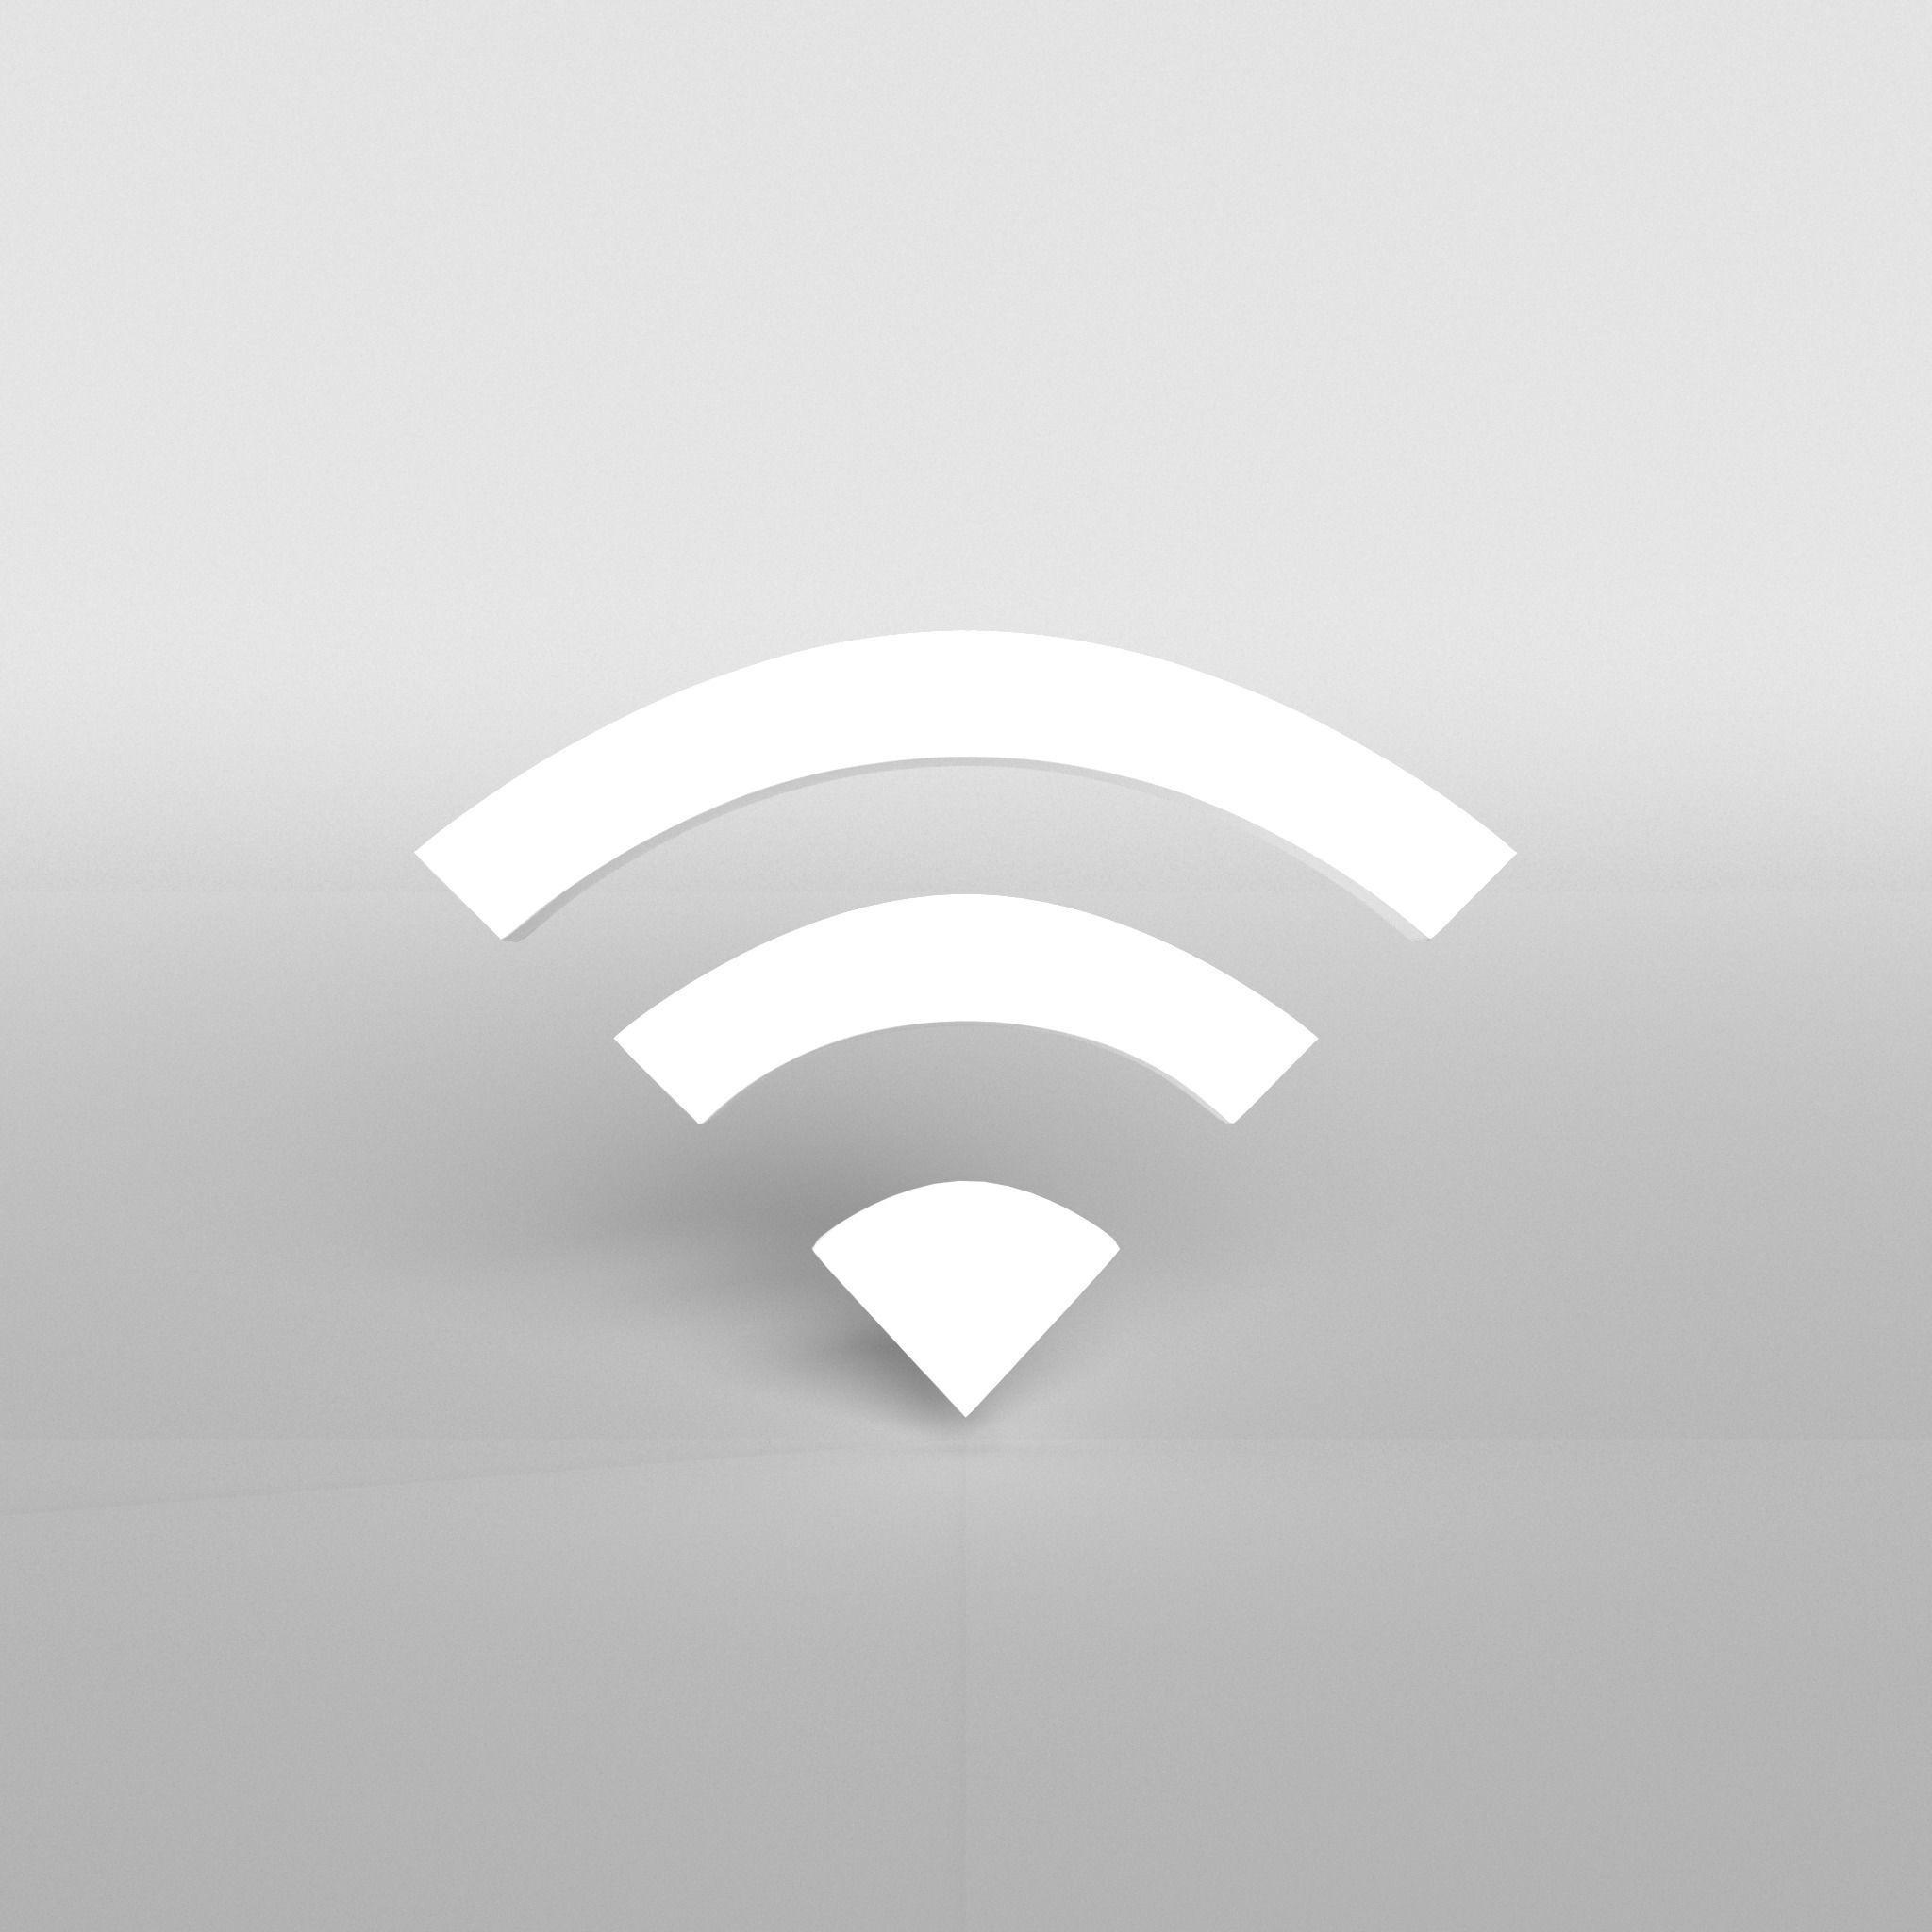 Wifi Symbol v1 001